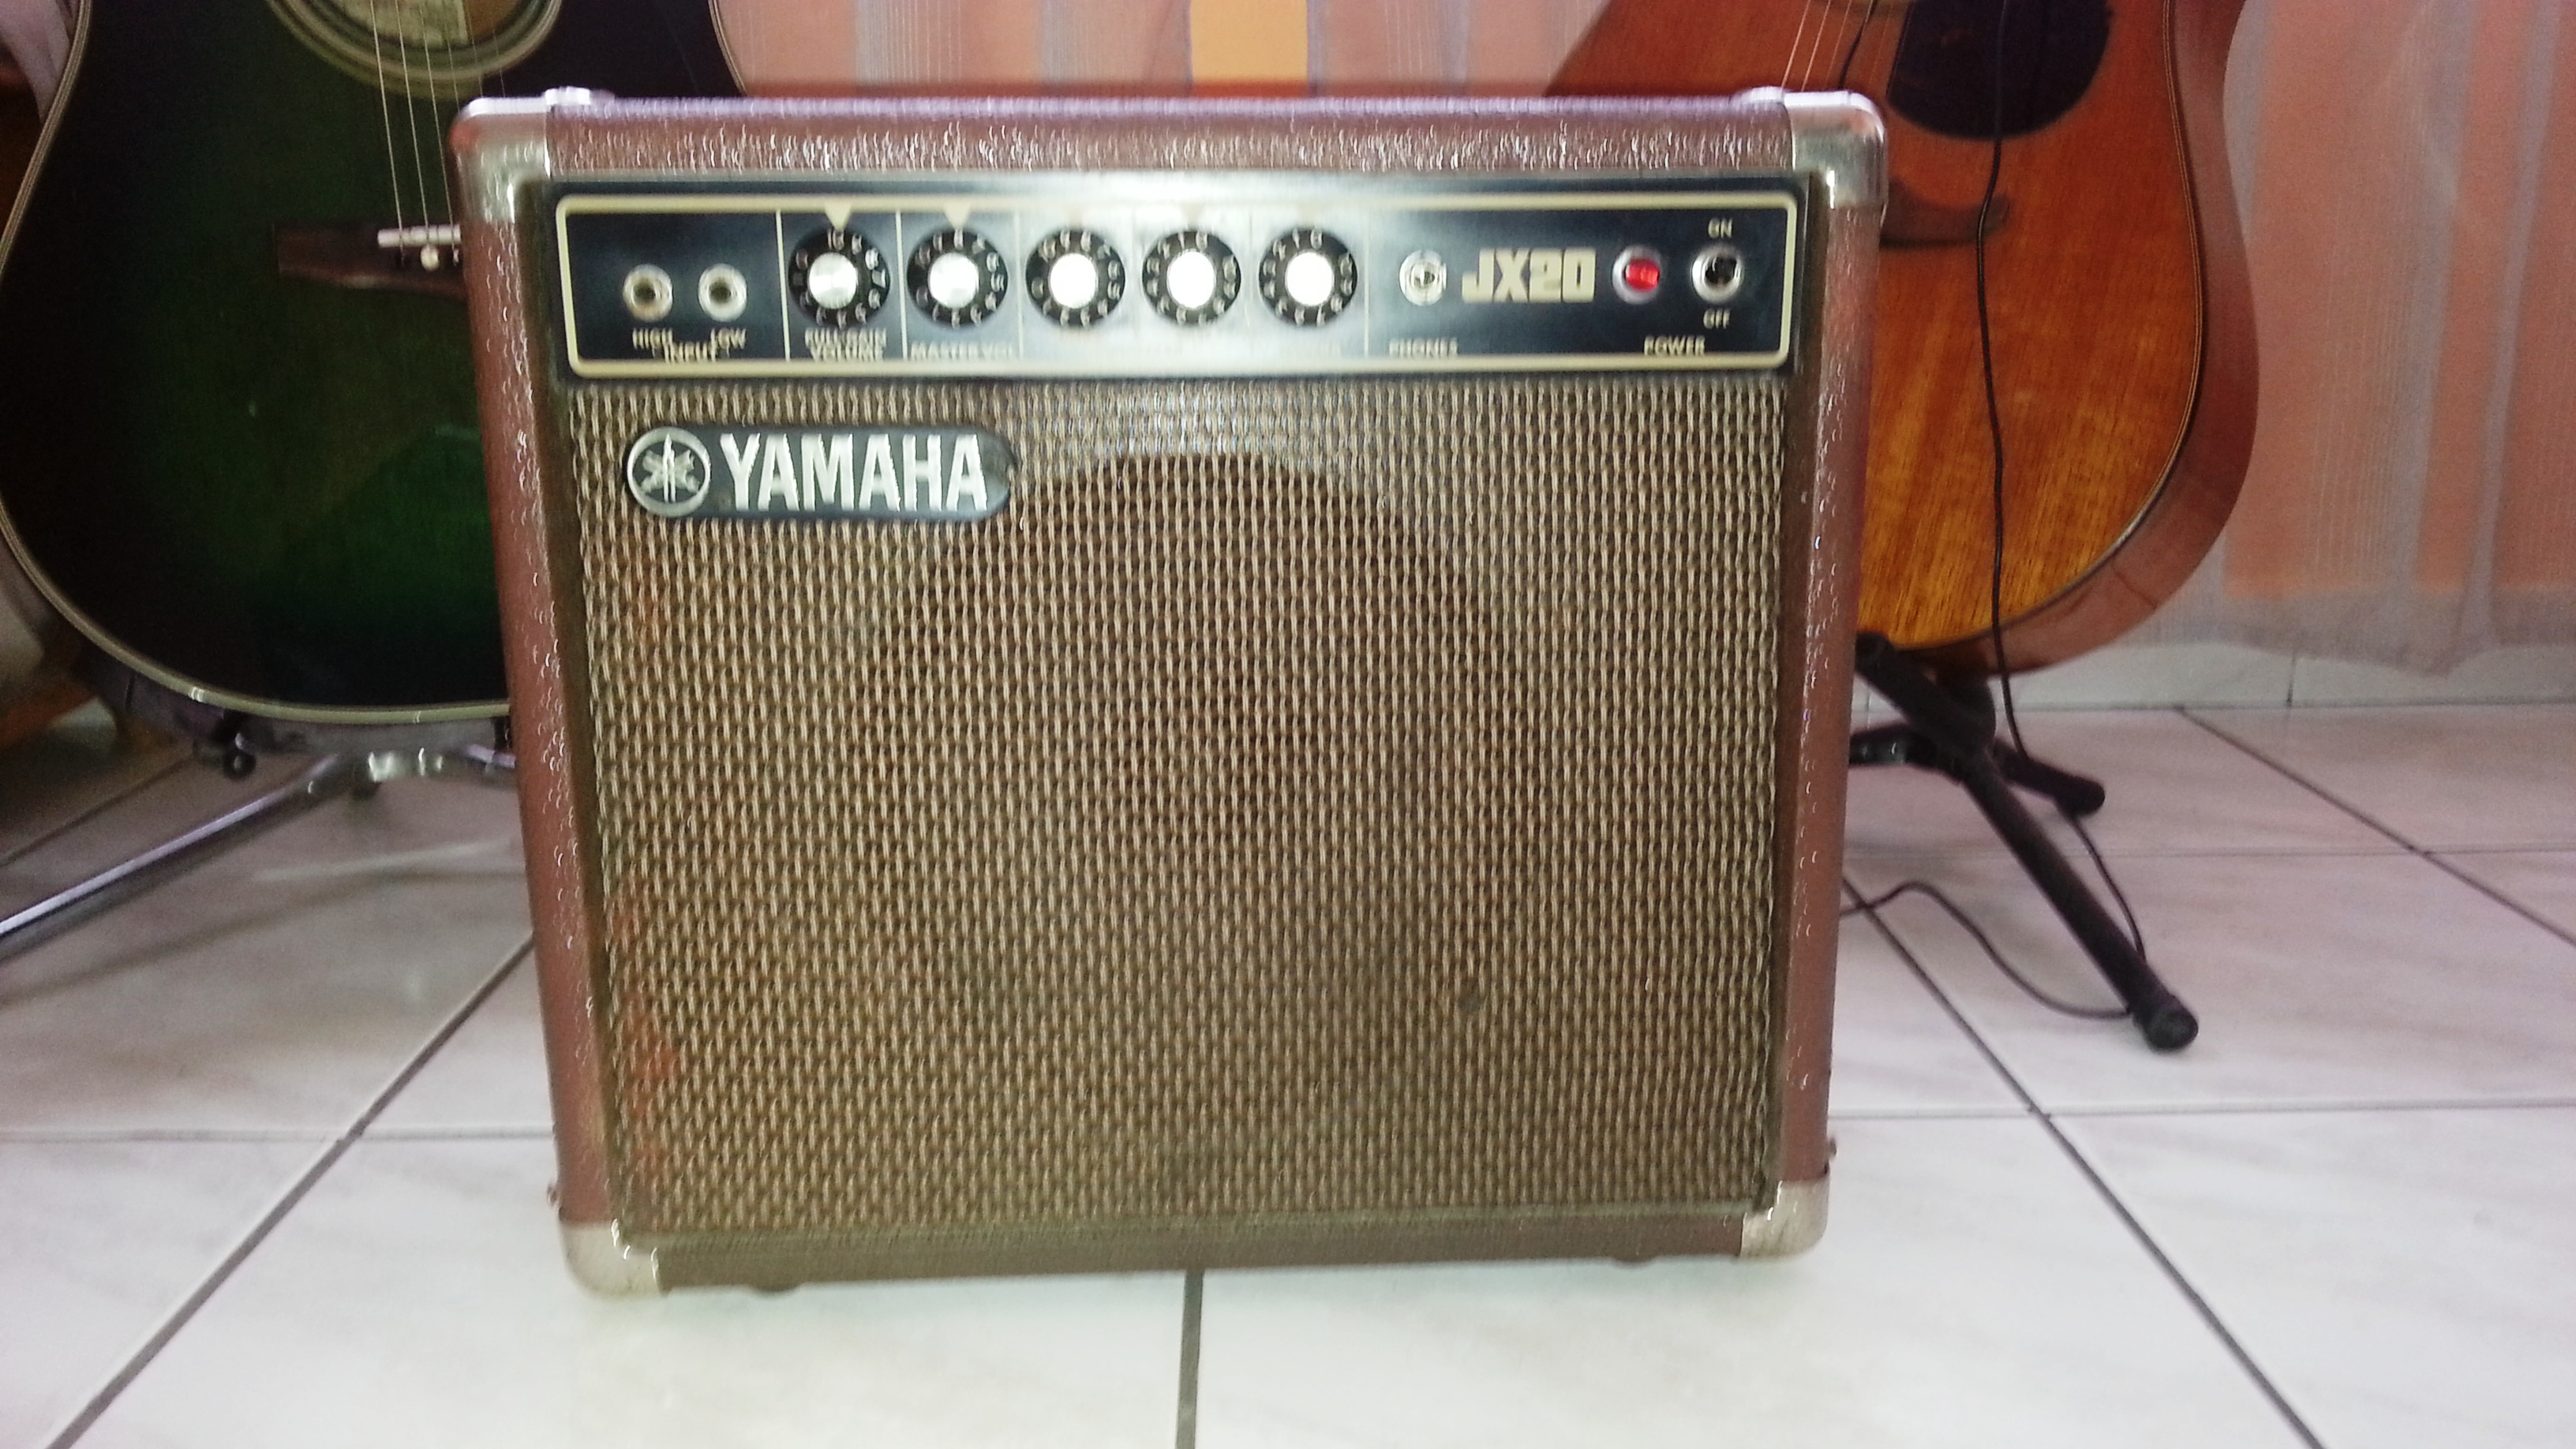 ampli guitare yamaha jx20 ile de france audiofanzine. Black Bedroom Furniture Sets. Home Design Ideas